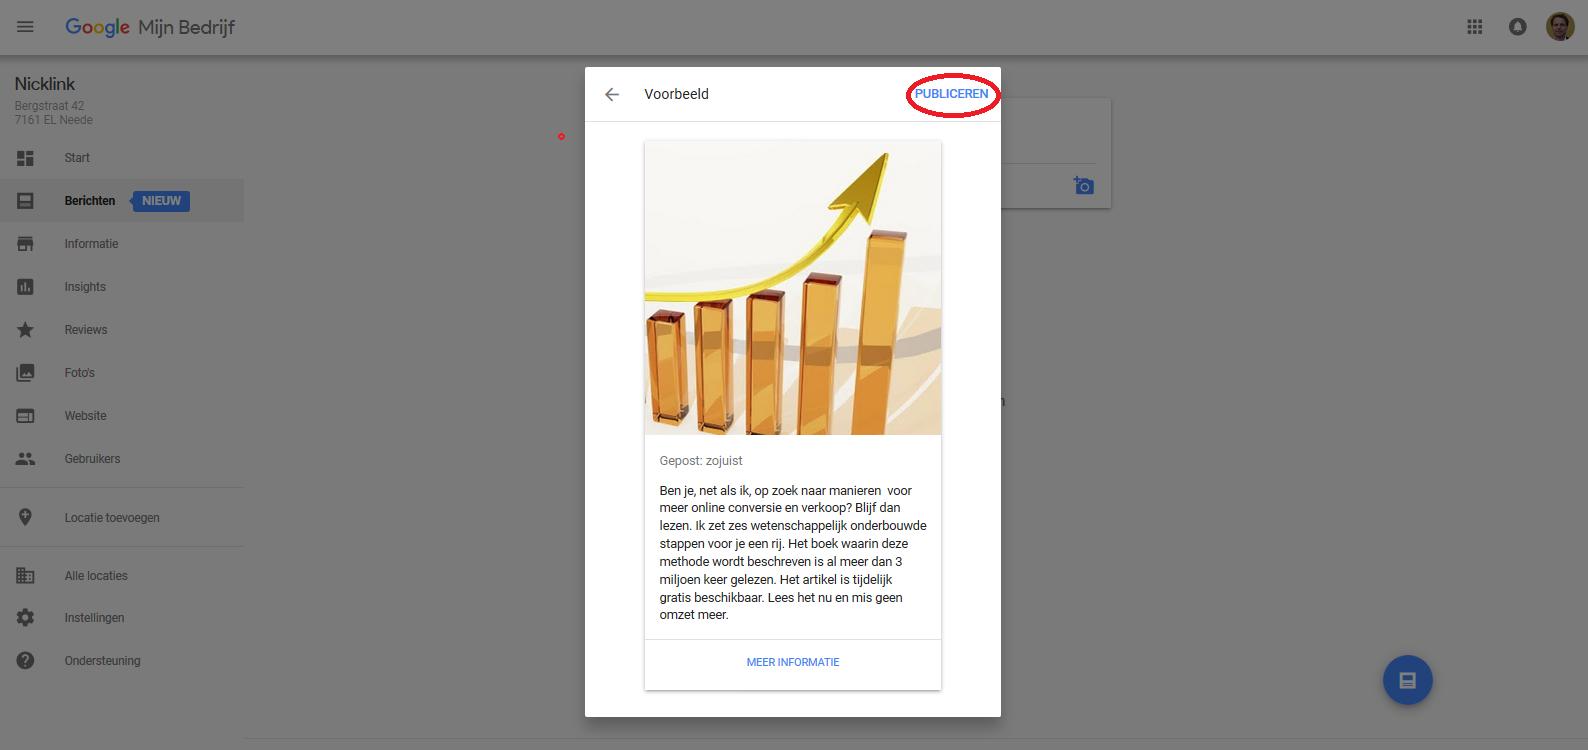 Voorbeeldscherm met keuzes voor button, event en publiceren bij post Google Mijn Bedrijf